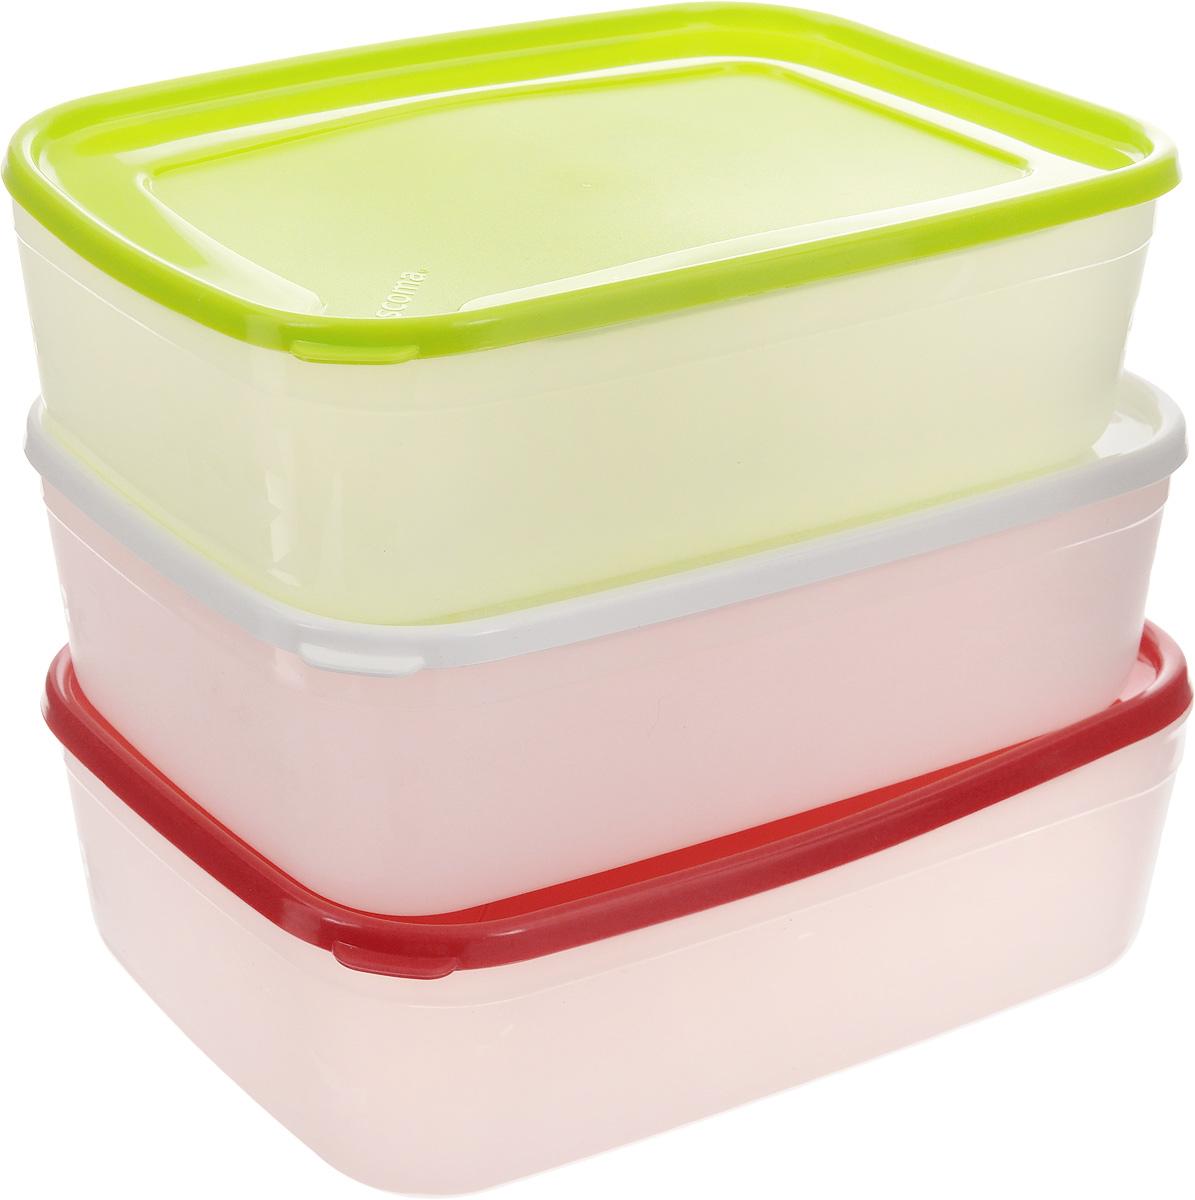 Набор контейнеров для заморозки Tescoma Purity, 1,5 л, 3 шт891866Набор Tescoma Purity, выполненный из высококачественного пищевого пластика, состоит из трех контейнеров с плотно закрывающимися цветными крышками. Изделия отлично подходят для хранения продуктов в морозильной камере или холодильнике. Контейнеры удобно складываются друг в друга, что экономит пространство при хранении в шкафу.Пригодны для морозильников, холодильников, микроволновых печей. При использовании в микроволновой печи всегда оставляйте крышку приоткрытой. Можно мыть в посудомоечной машине. Объем контейнера: 1,5 л.Размер контейнера (без учета крышки): 21 х 14,5 х 6,7 см.